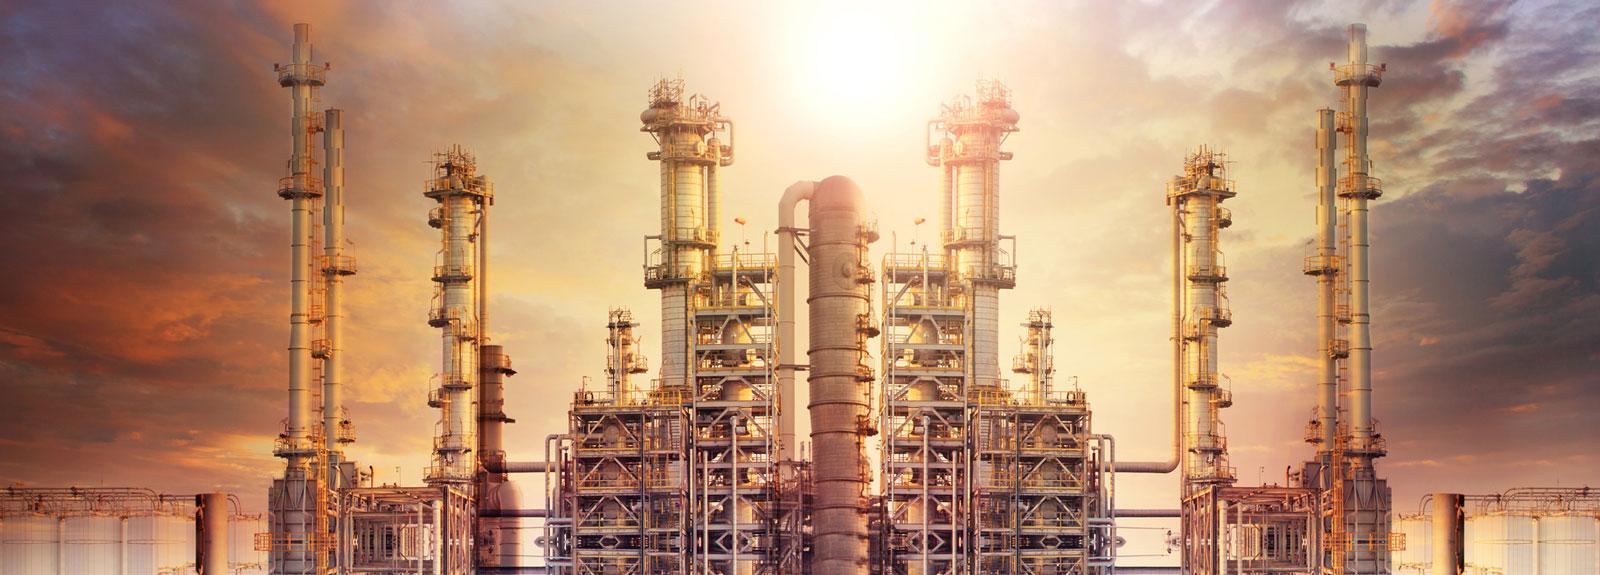 procesos industriales cabecera - procesos-industriales-cabecera